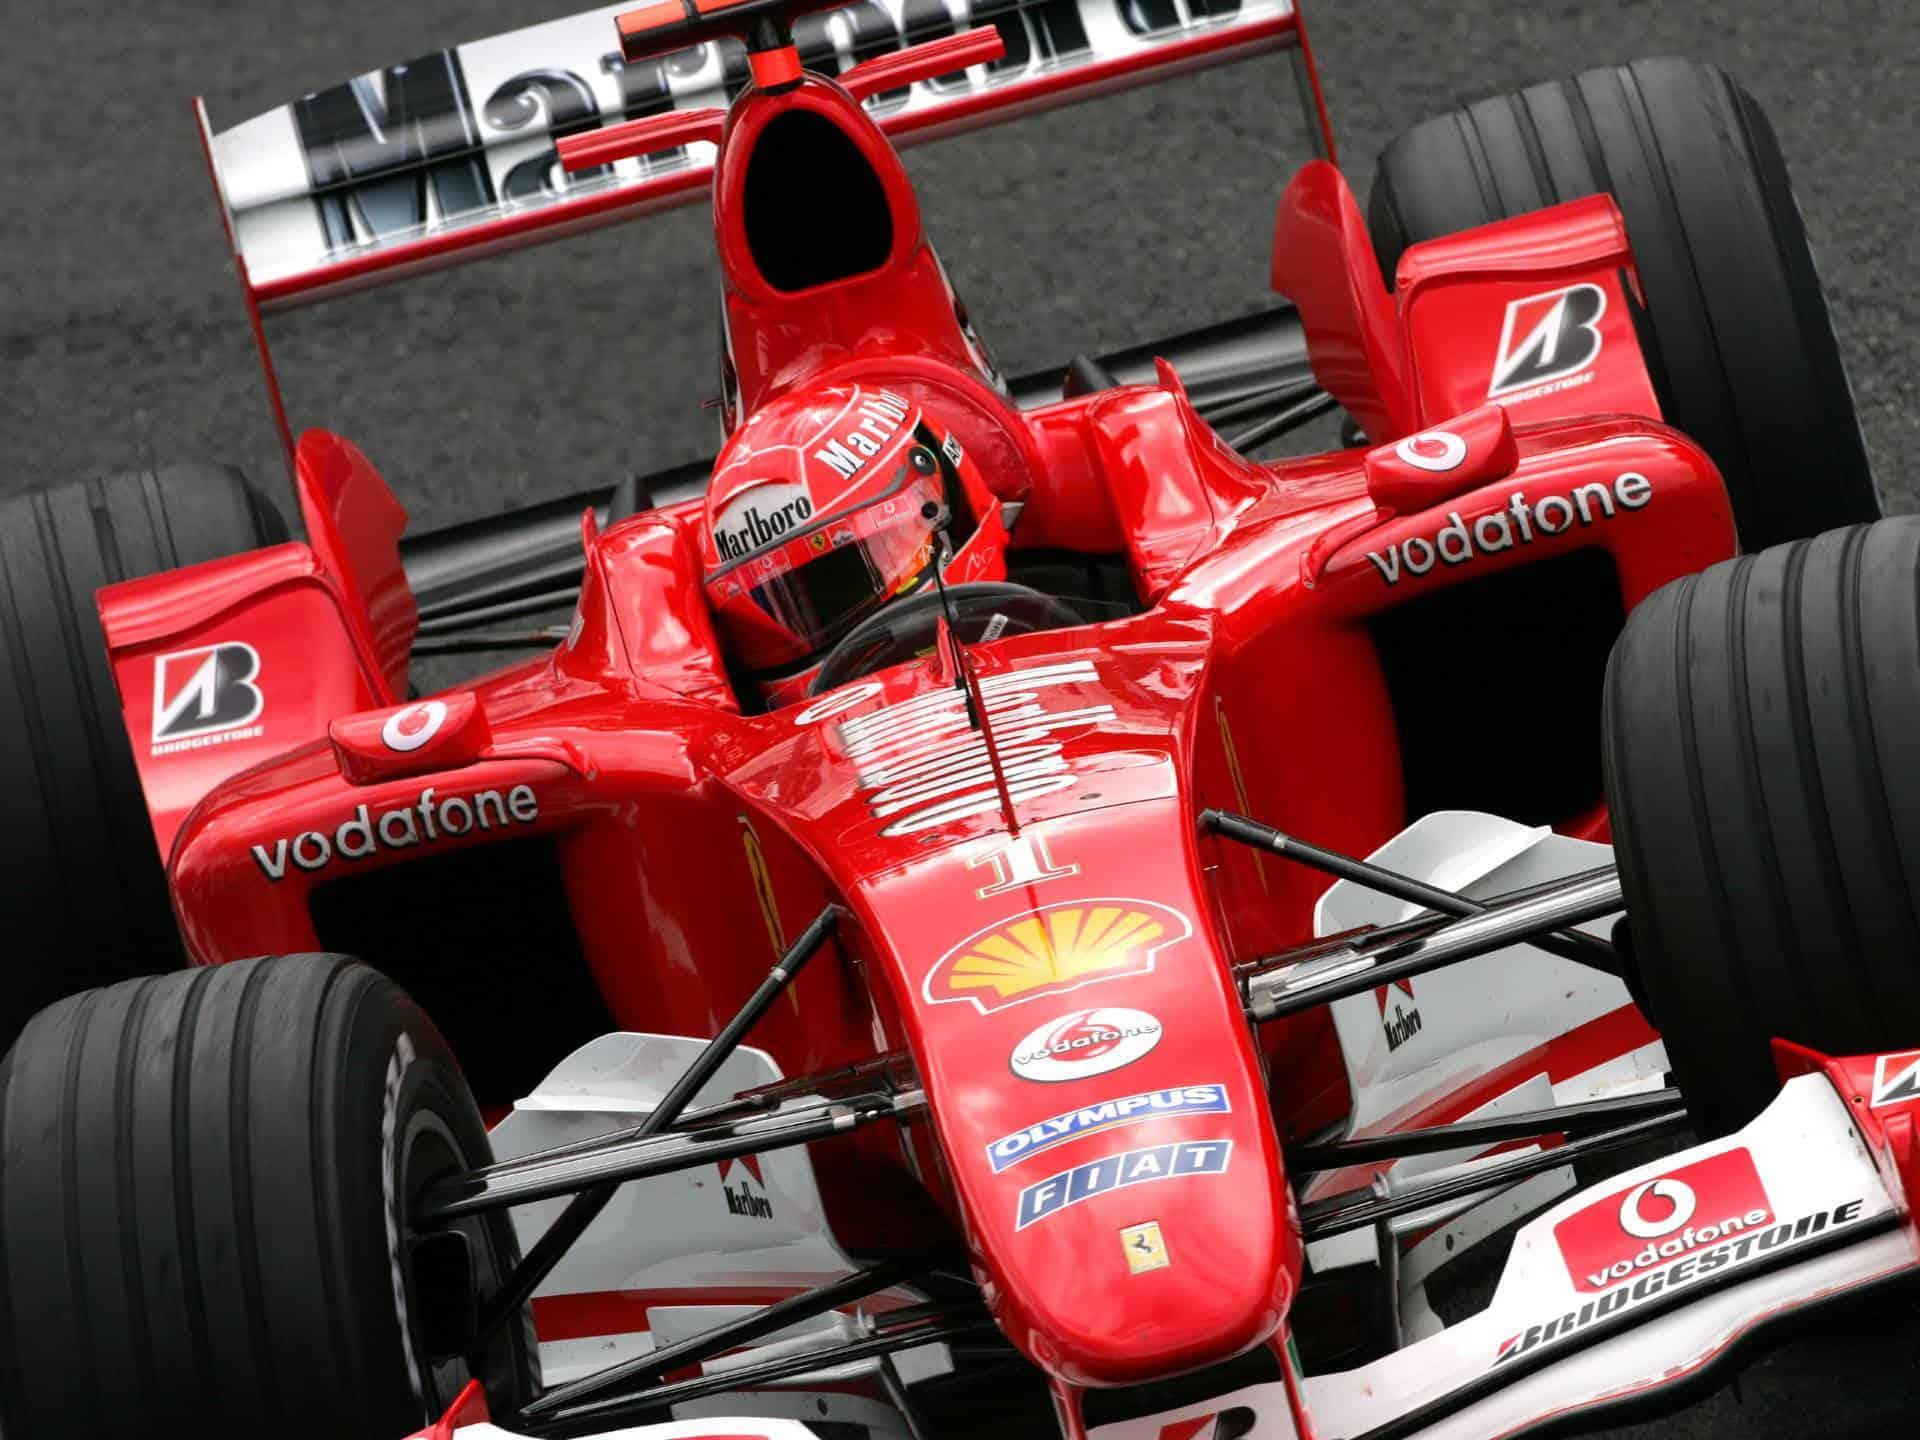 Michael Schumacher Ferrari F2004 Belgian Gp F1 2004 Photo Ferrari Maxf1net